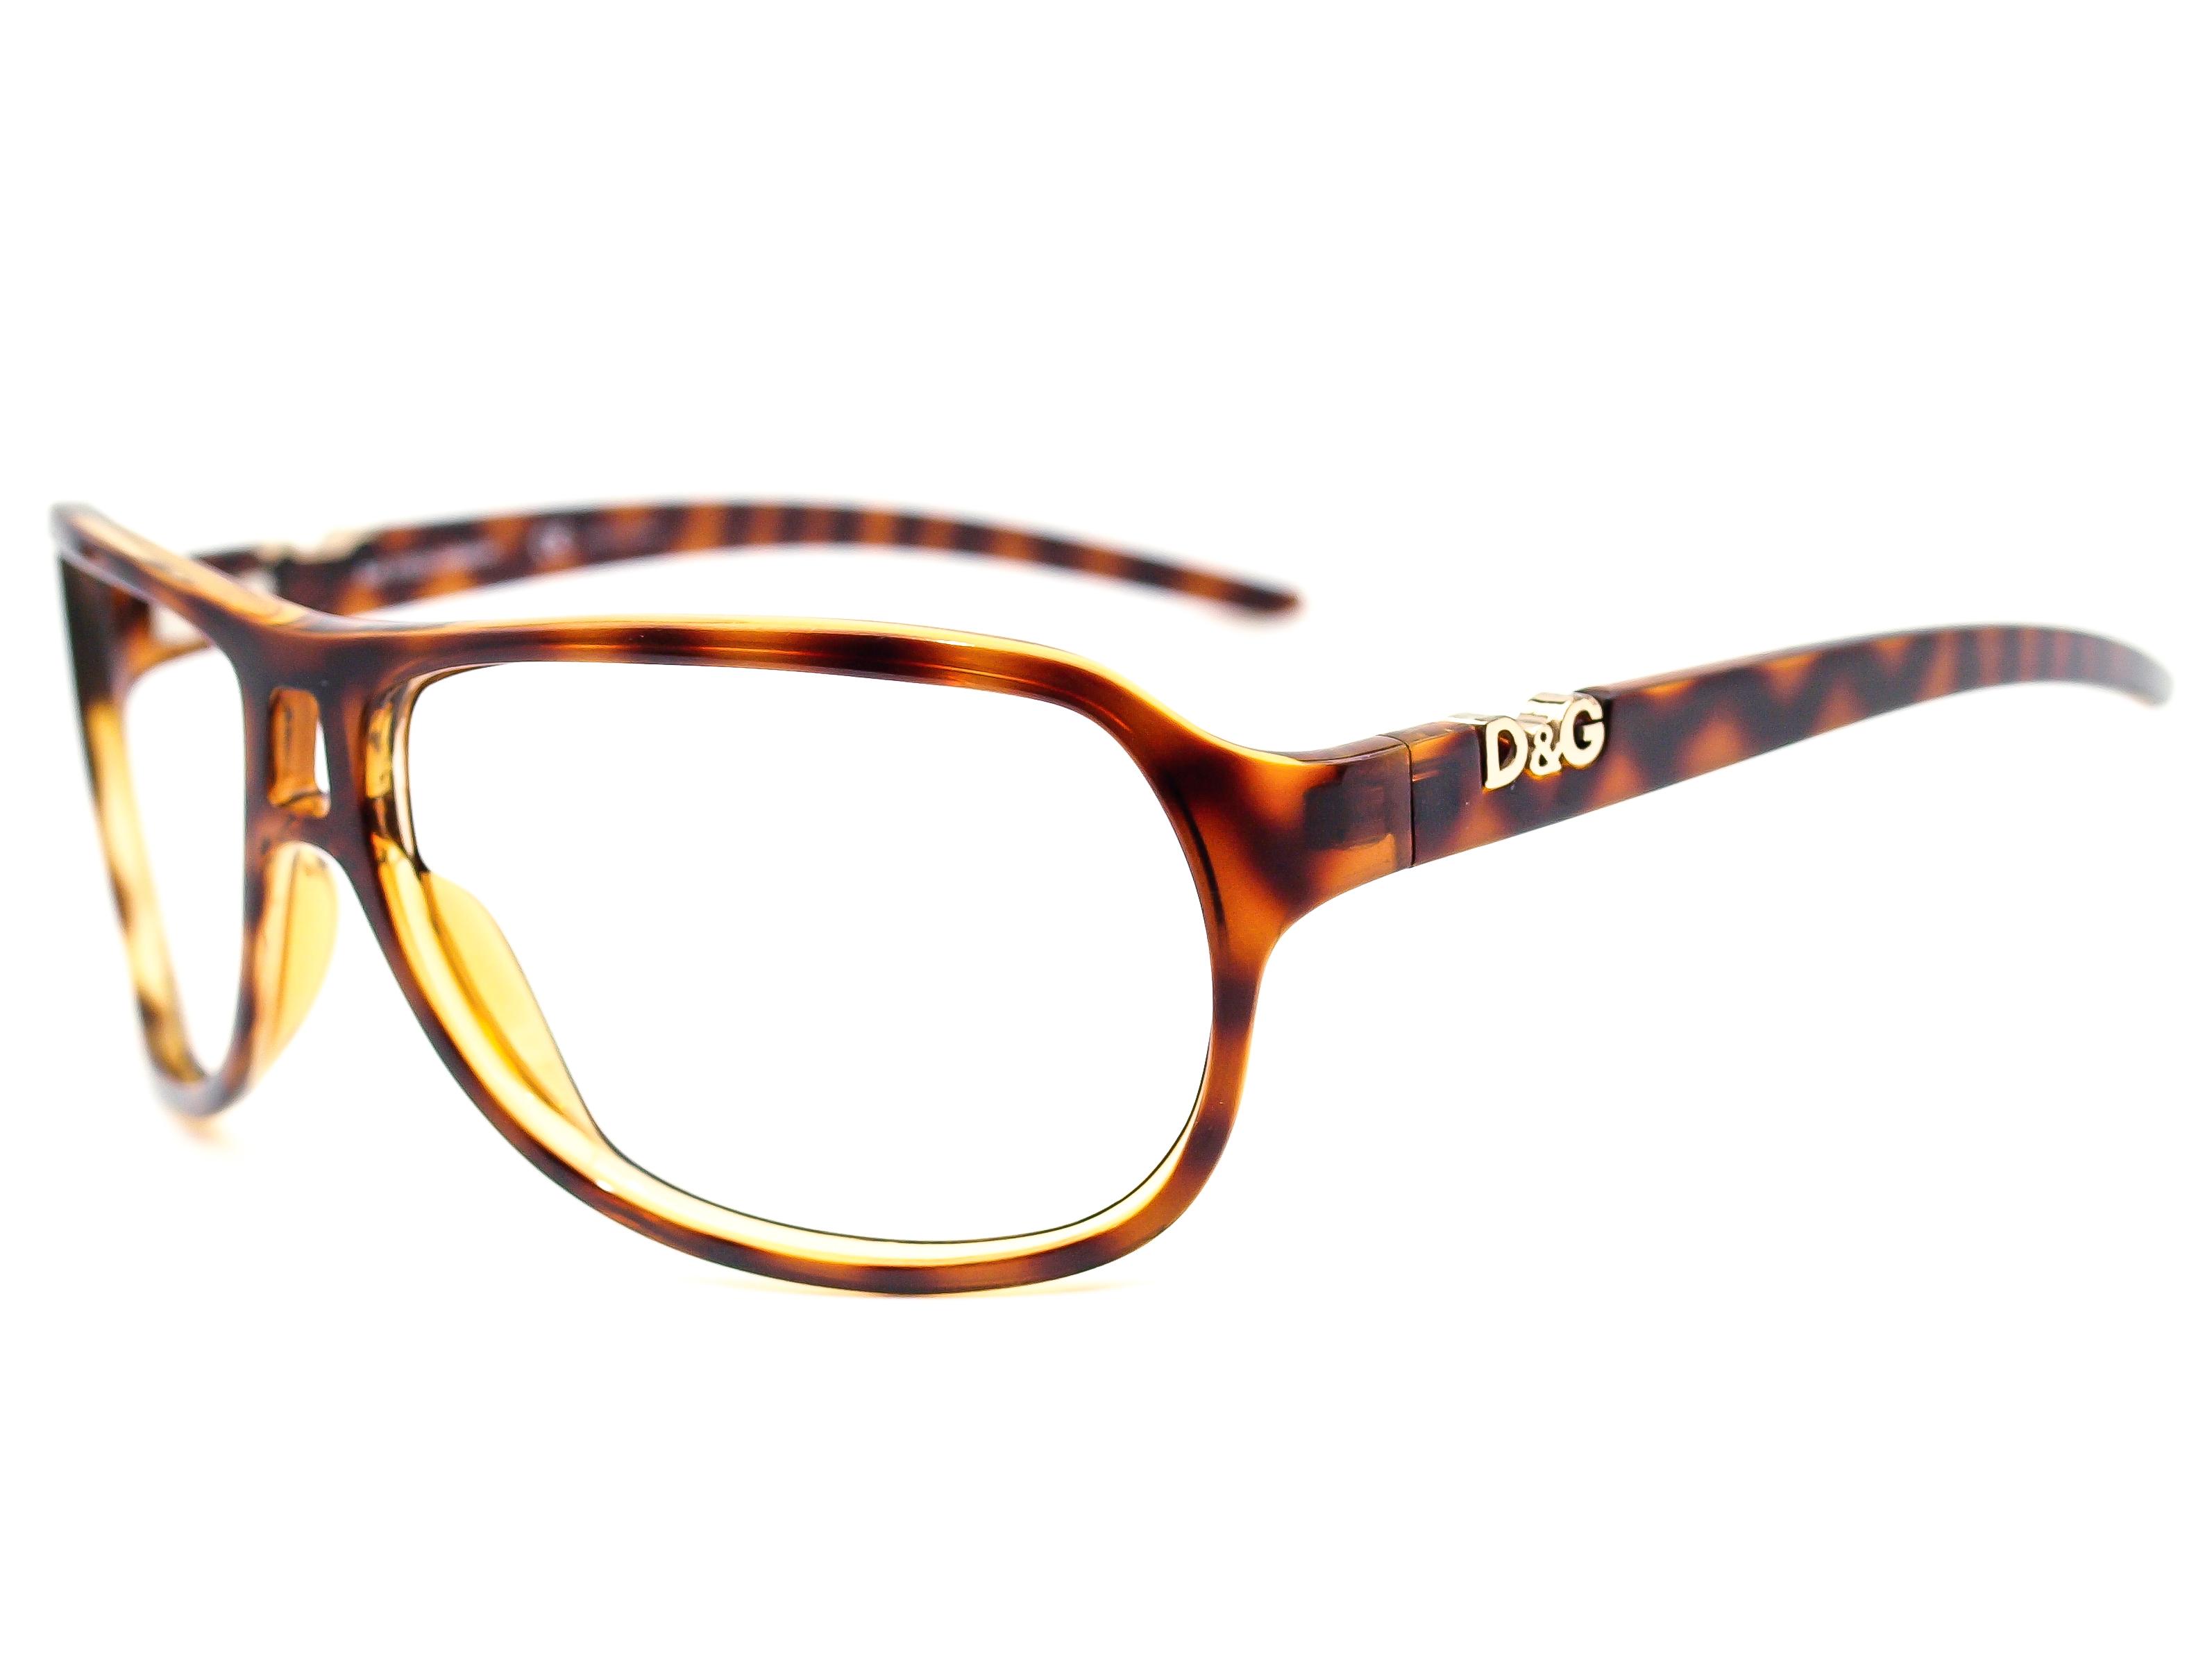 Dolce /& Gabbana D/&G DD2140 1250//87 63mm Aviator Sunglasses Frames Only